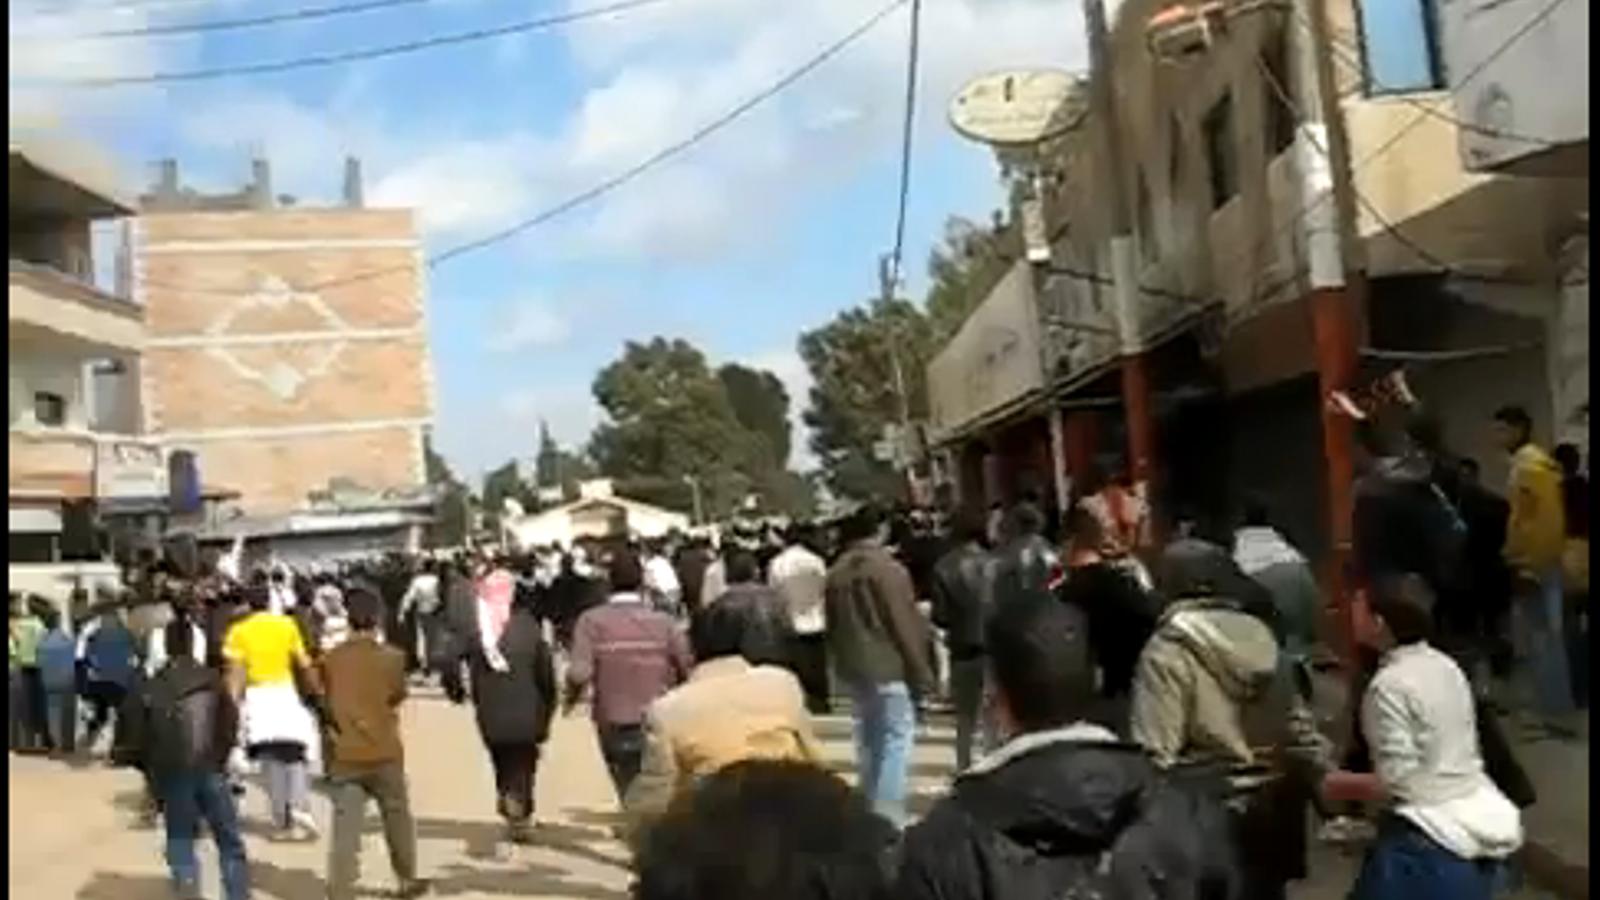 El règim de Baixar Al-Assad continua reprimint la revolta popular